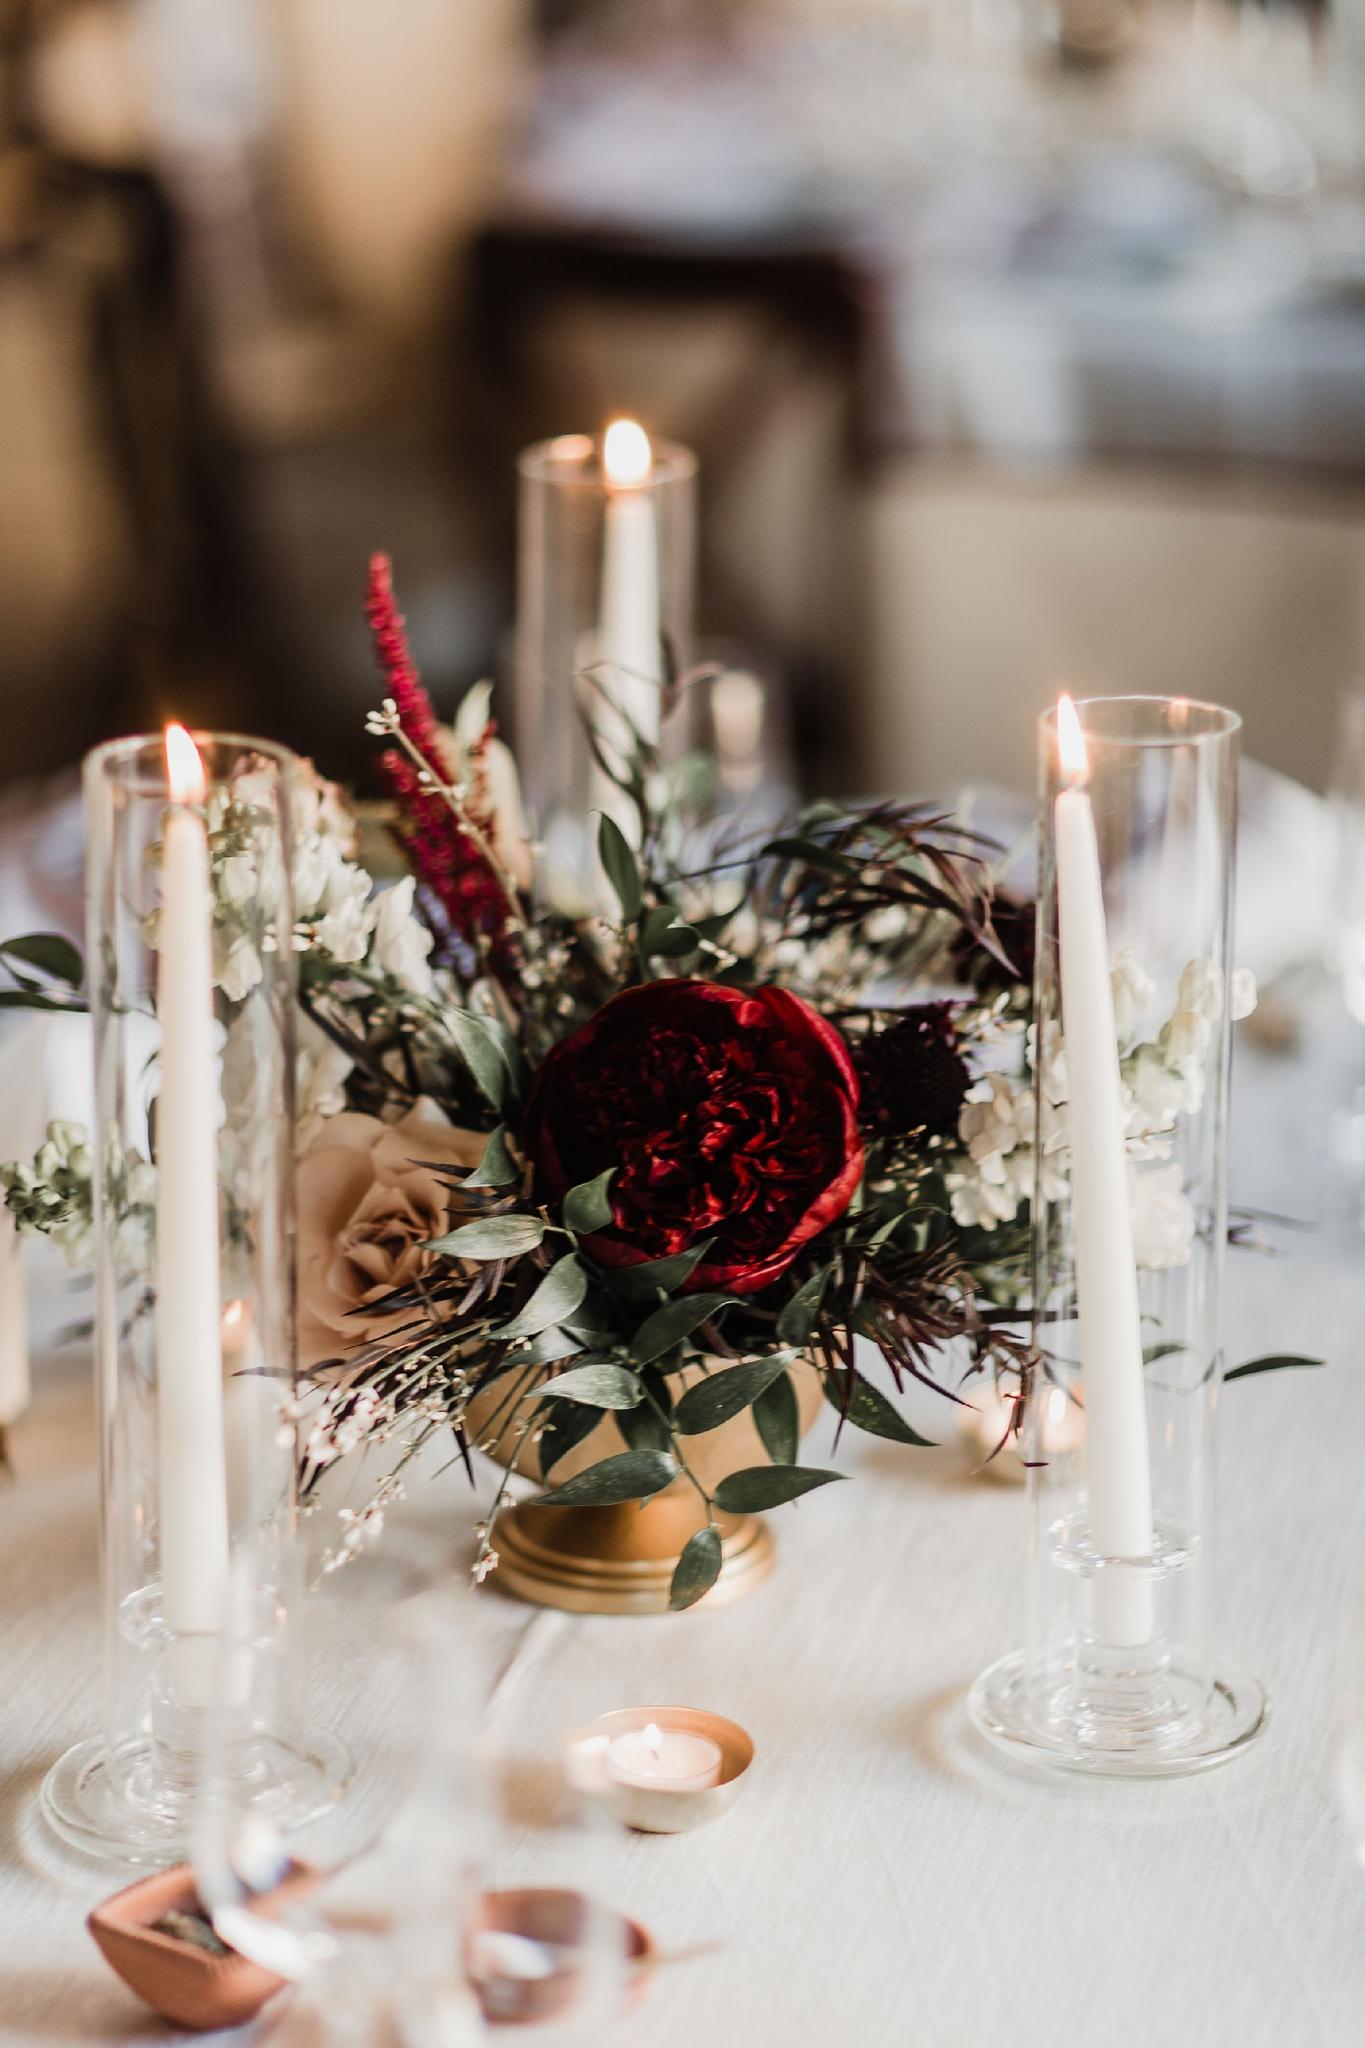 Alicia+lucia+photography+-+albuquerque+wedding+photographer+-+santa+fe+wedding+photography+-+new+mexico+wedding+photographer+-+new+mexico+wedding+-+wedding+-+winter+wedding+-+wedding+reception+-+winter+wedding+reception_0003.jpg